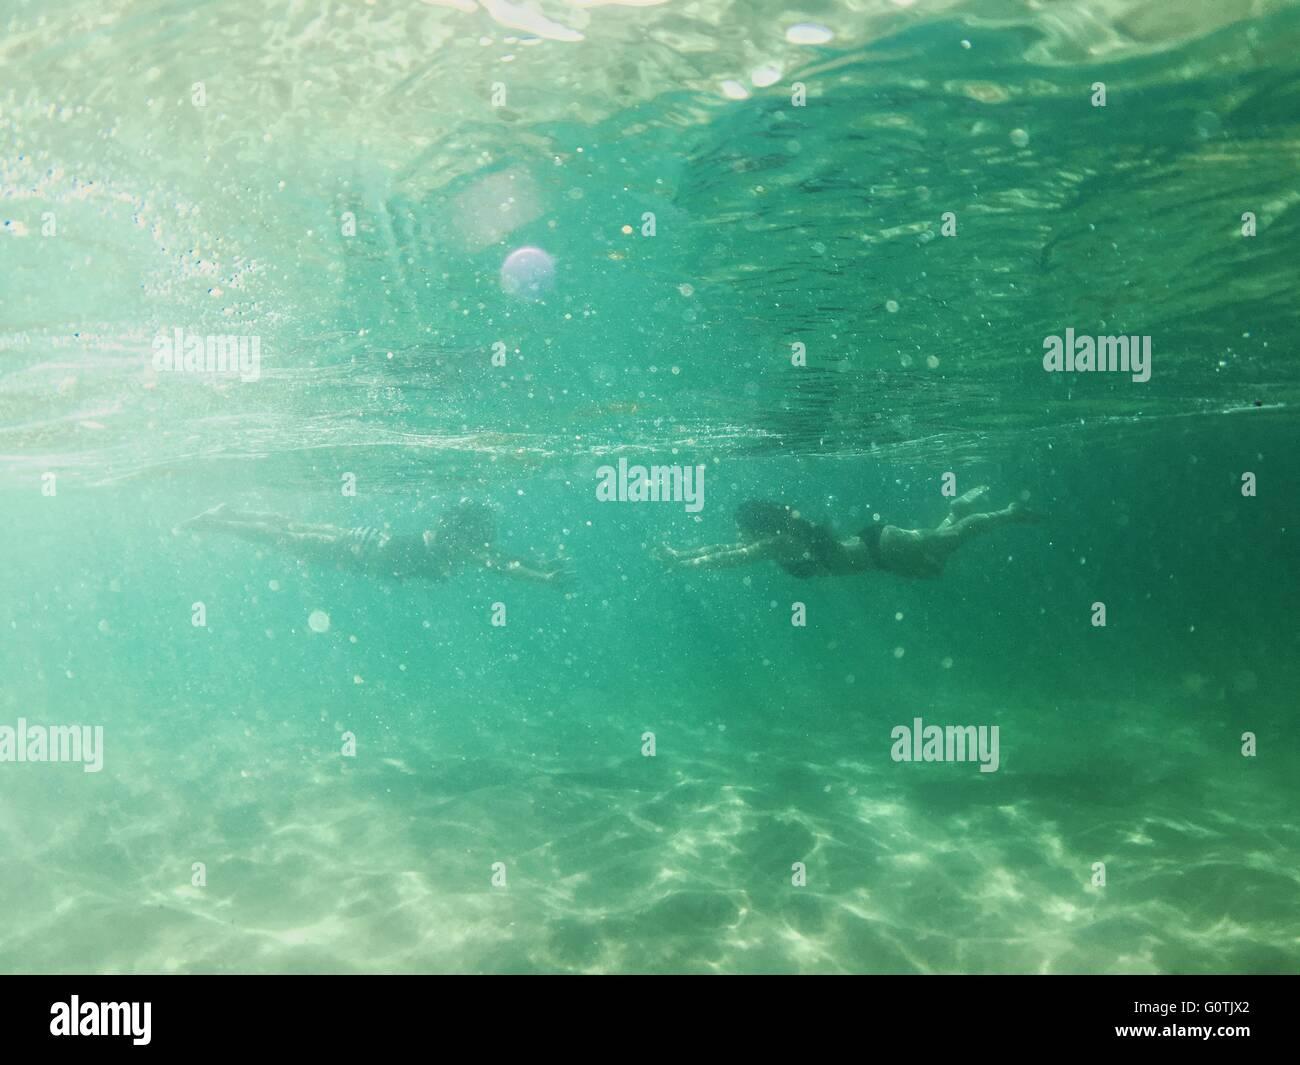 Two women swimming underwater - Stock Image